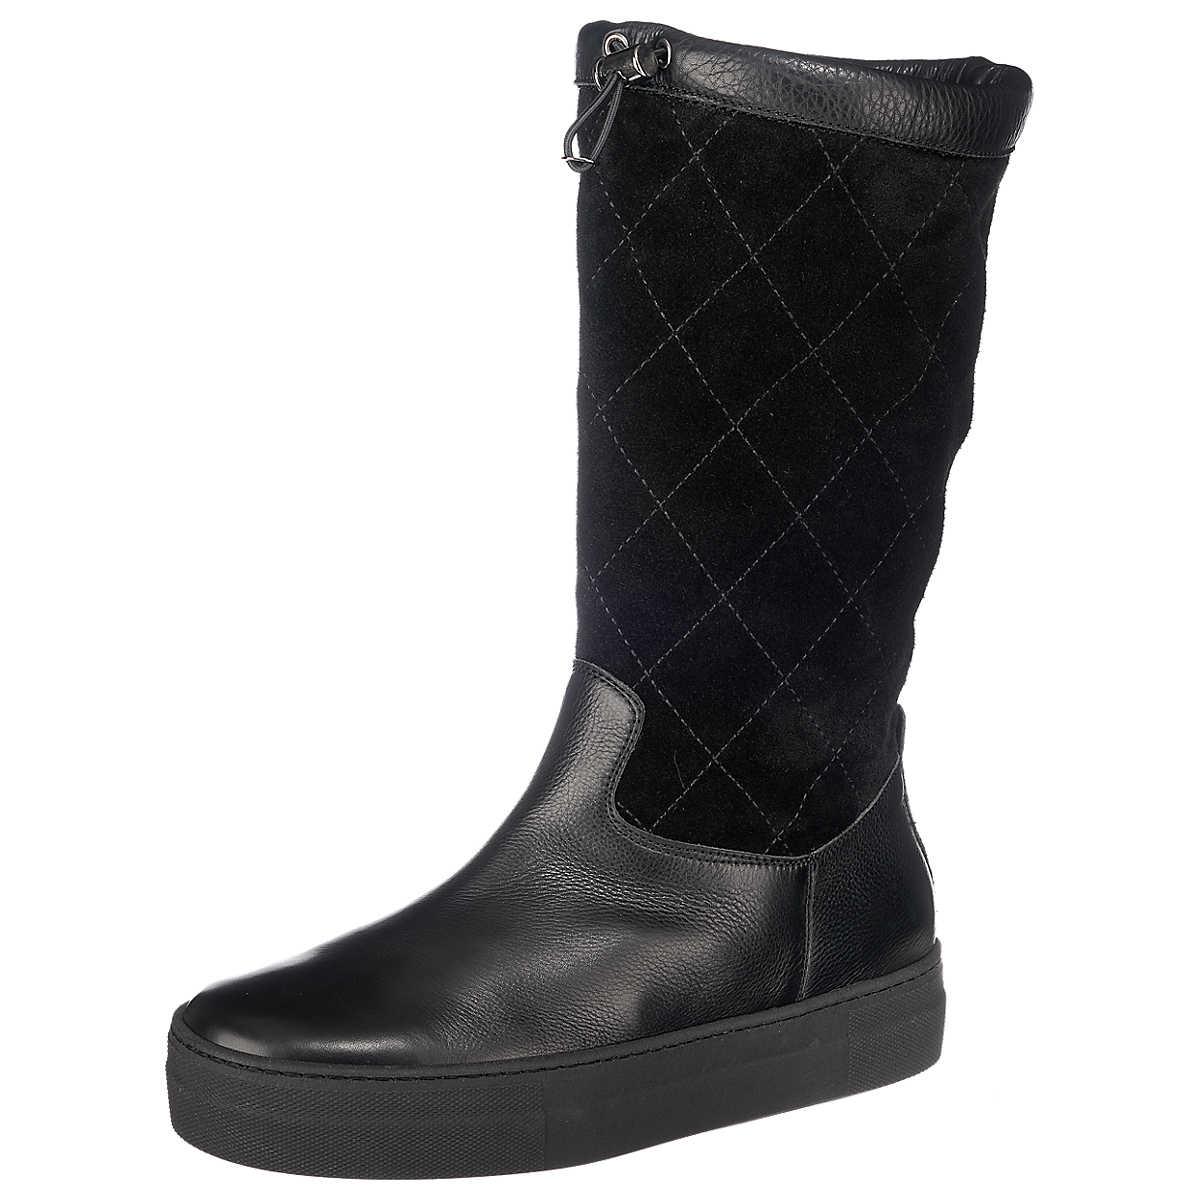 Tine�´s Stiefel schwarz - Tine�´s - Stiefel - Schuhe - mirapodo.de